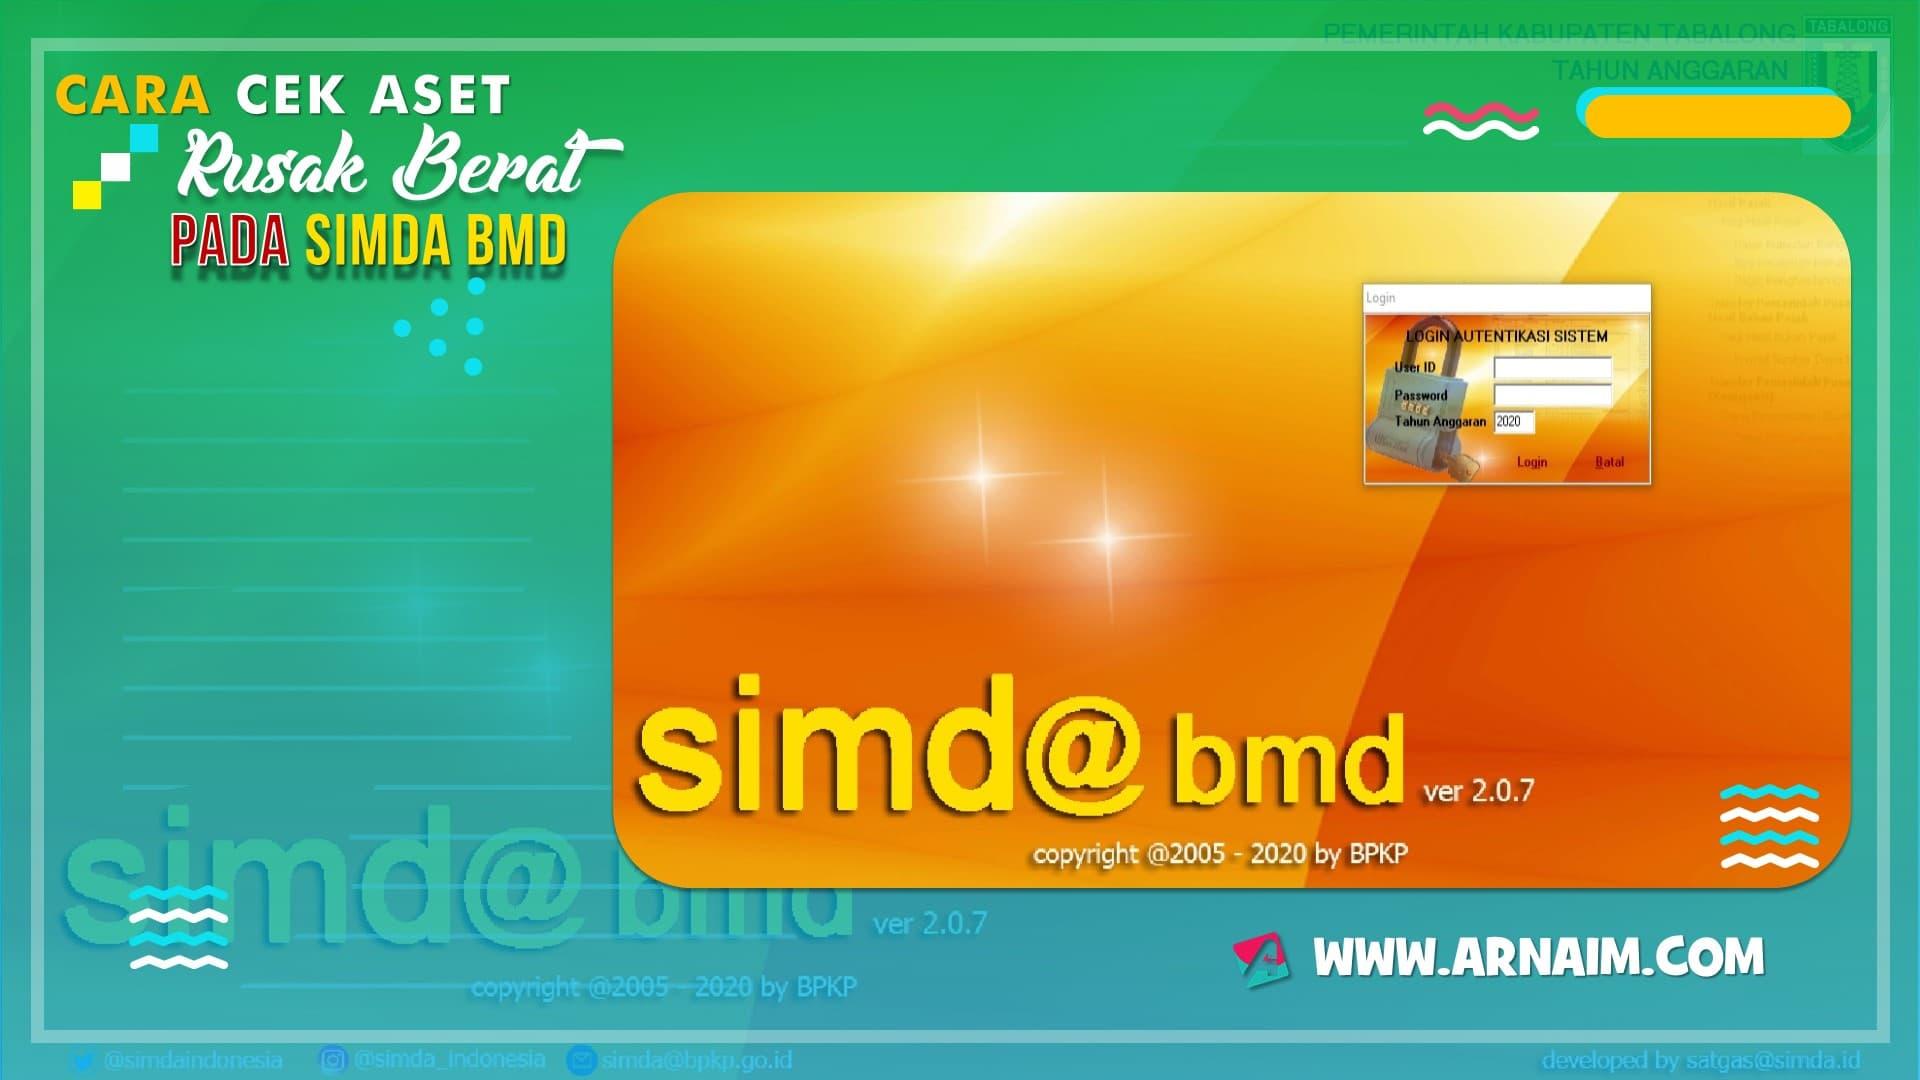 Cara Cek Aset Rusak Berat pada SIMDA BMD - arnaim.com